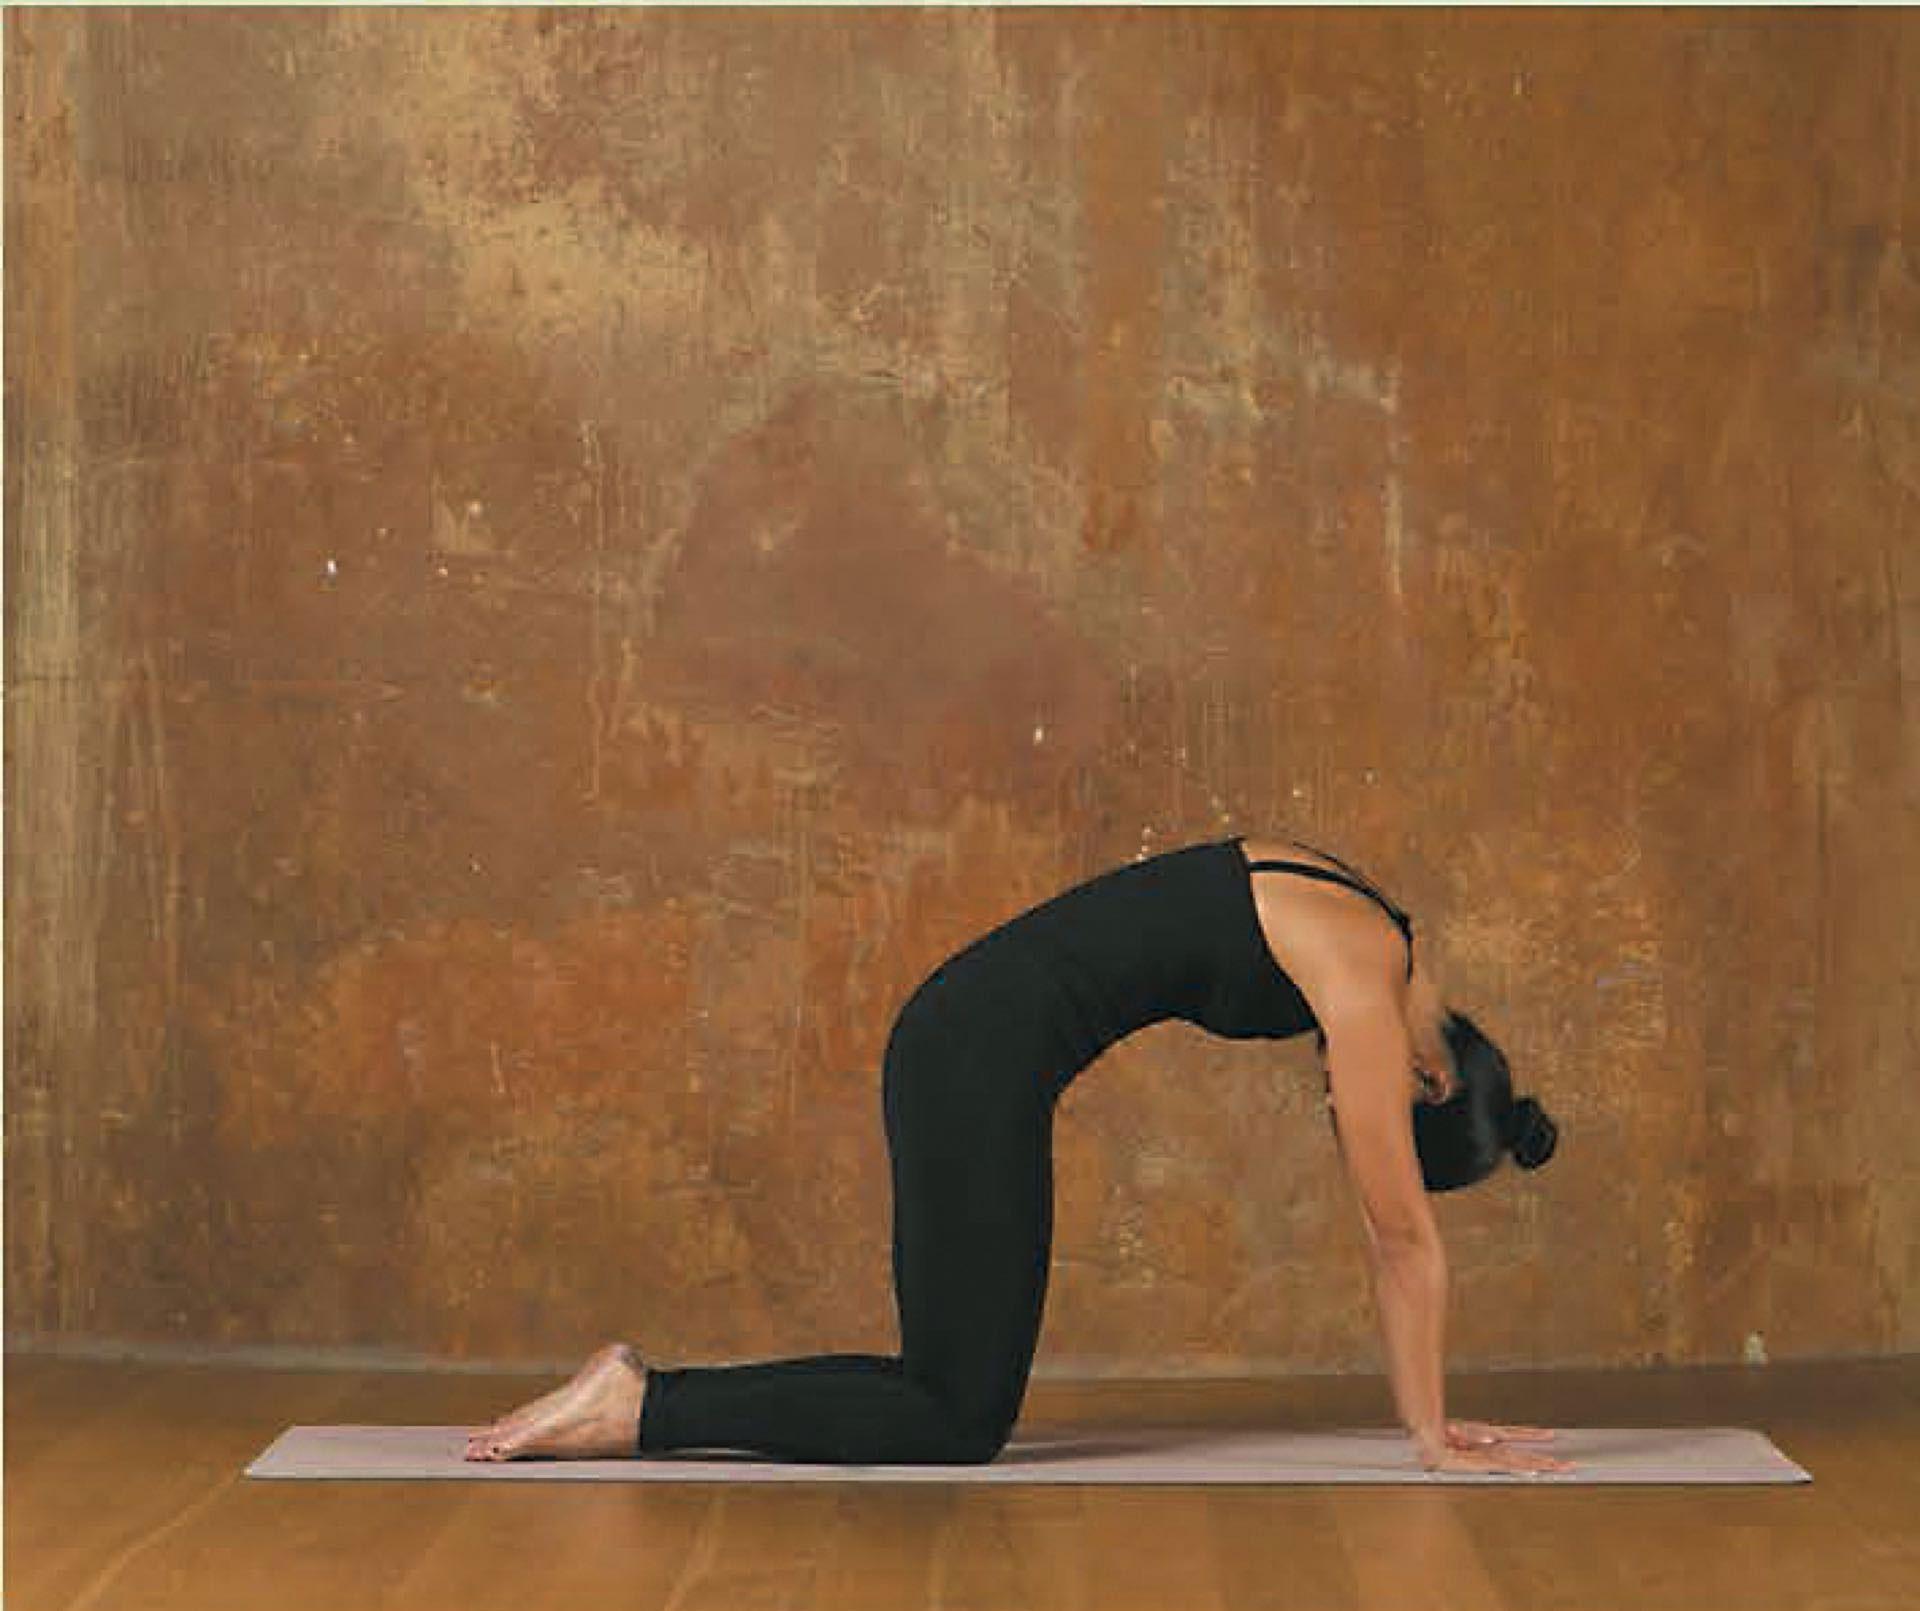 #parati-yoga-2